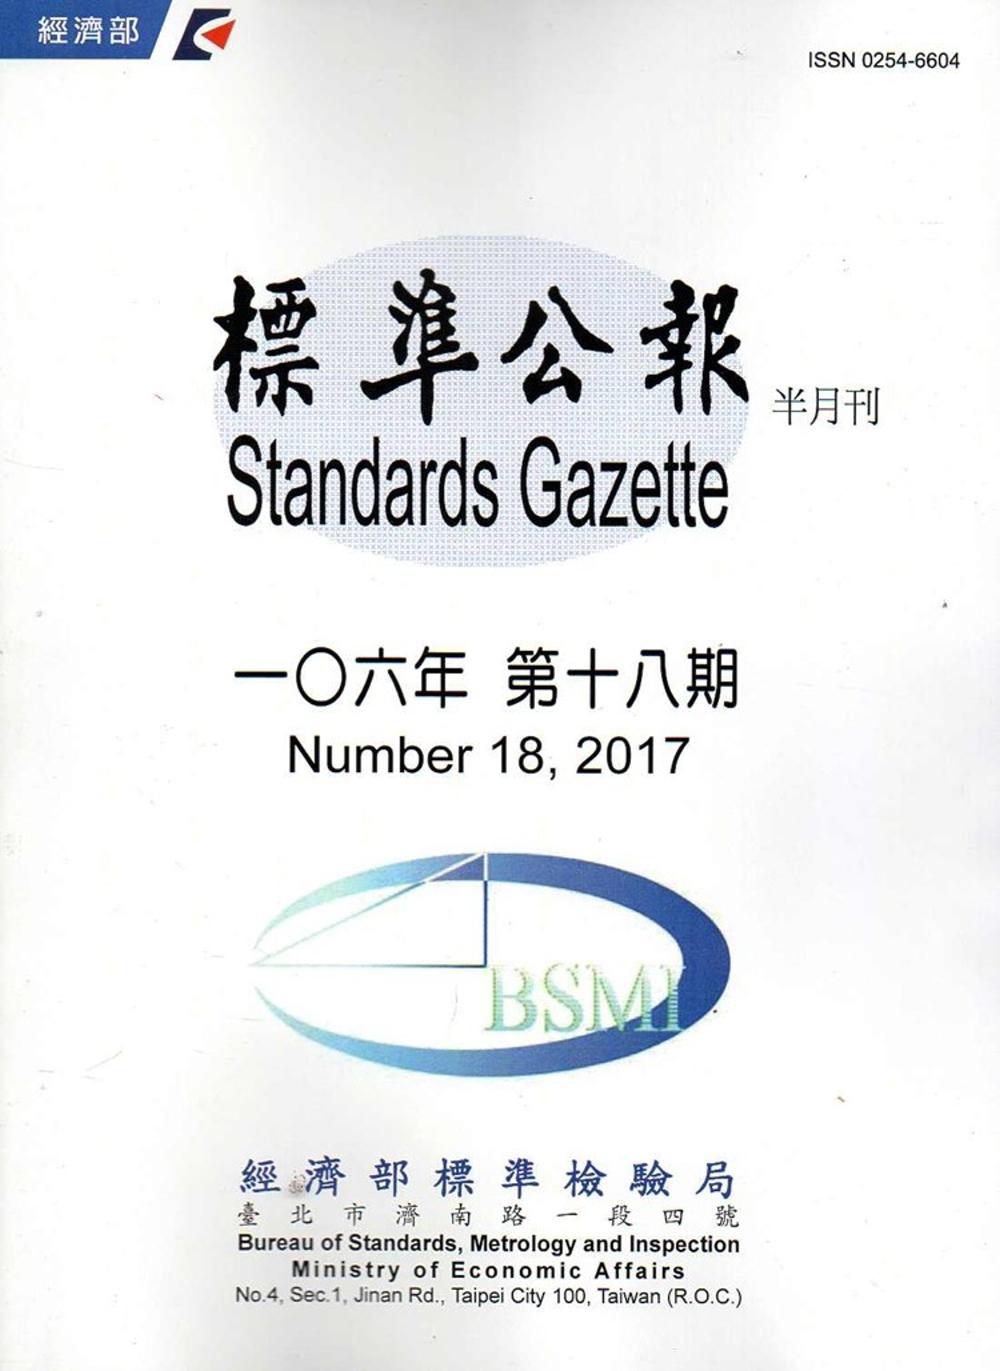 標準公報半月刊106年 第十八期